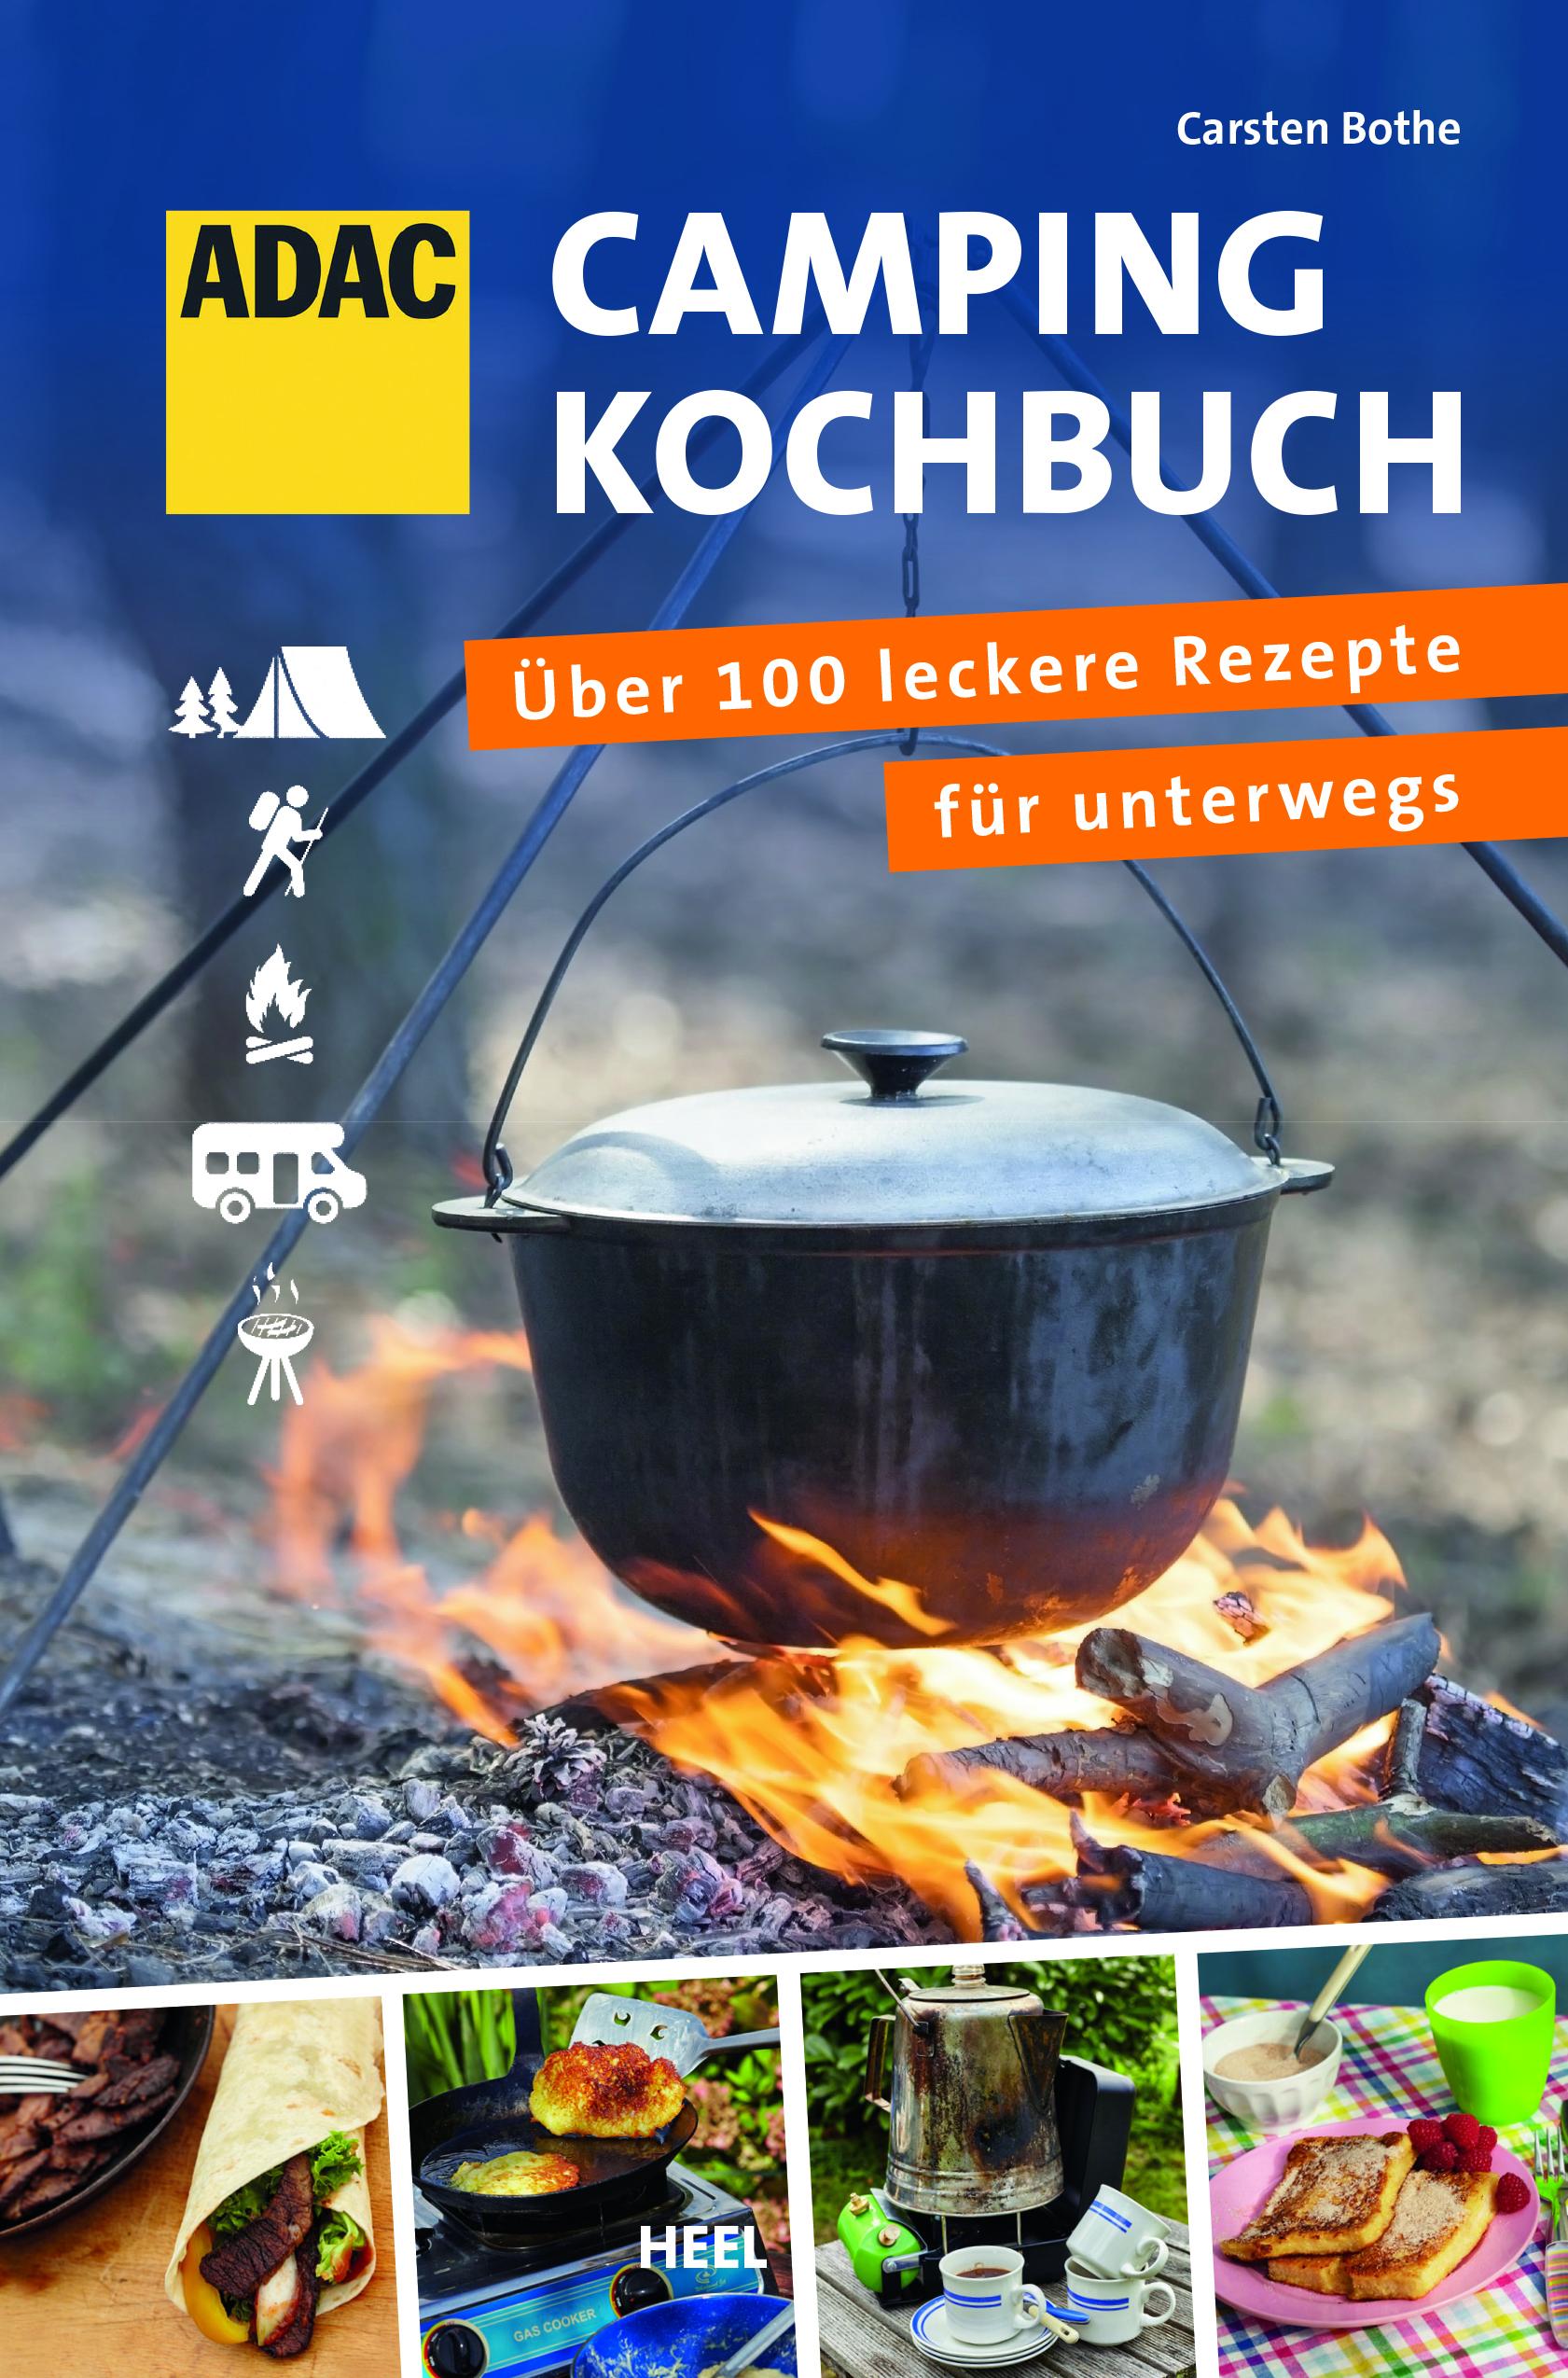 ADAC Campingkochbuch von Carsten Bothe